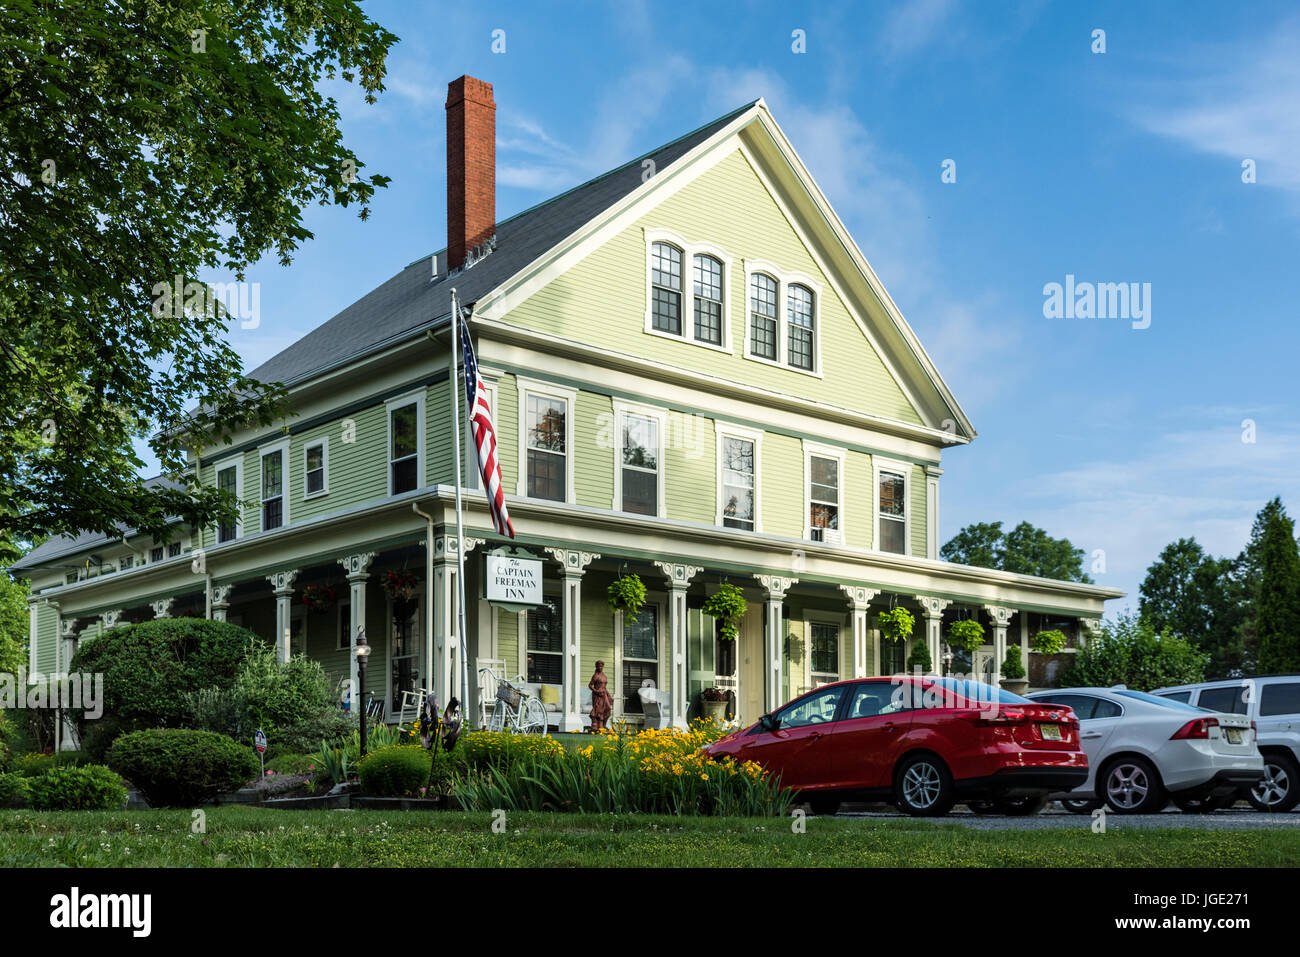 Captain Freeman Inn, Brewster, Cape Cod, Massachusetts, USA. - Stock Image